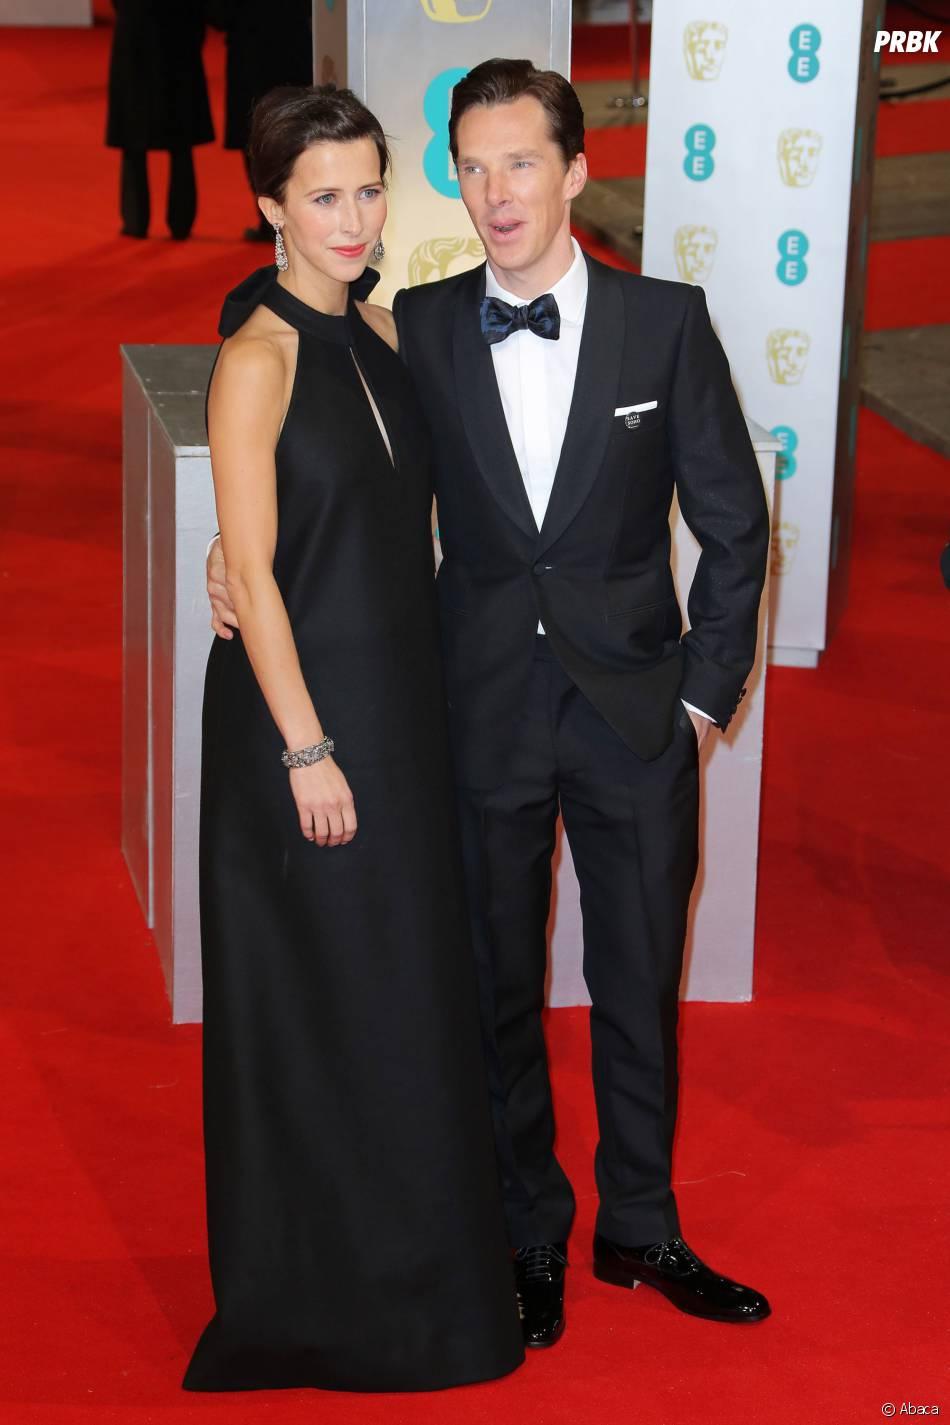 Benedict Cumberbatch et Sophie Hunter sur le tapis-rouge des BAFTA le 8 février 2015 à Londres